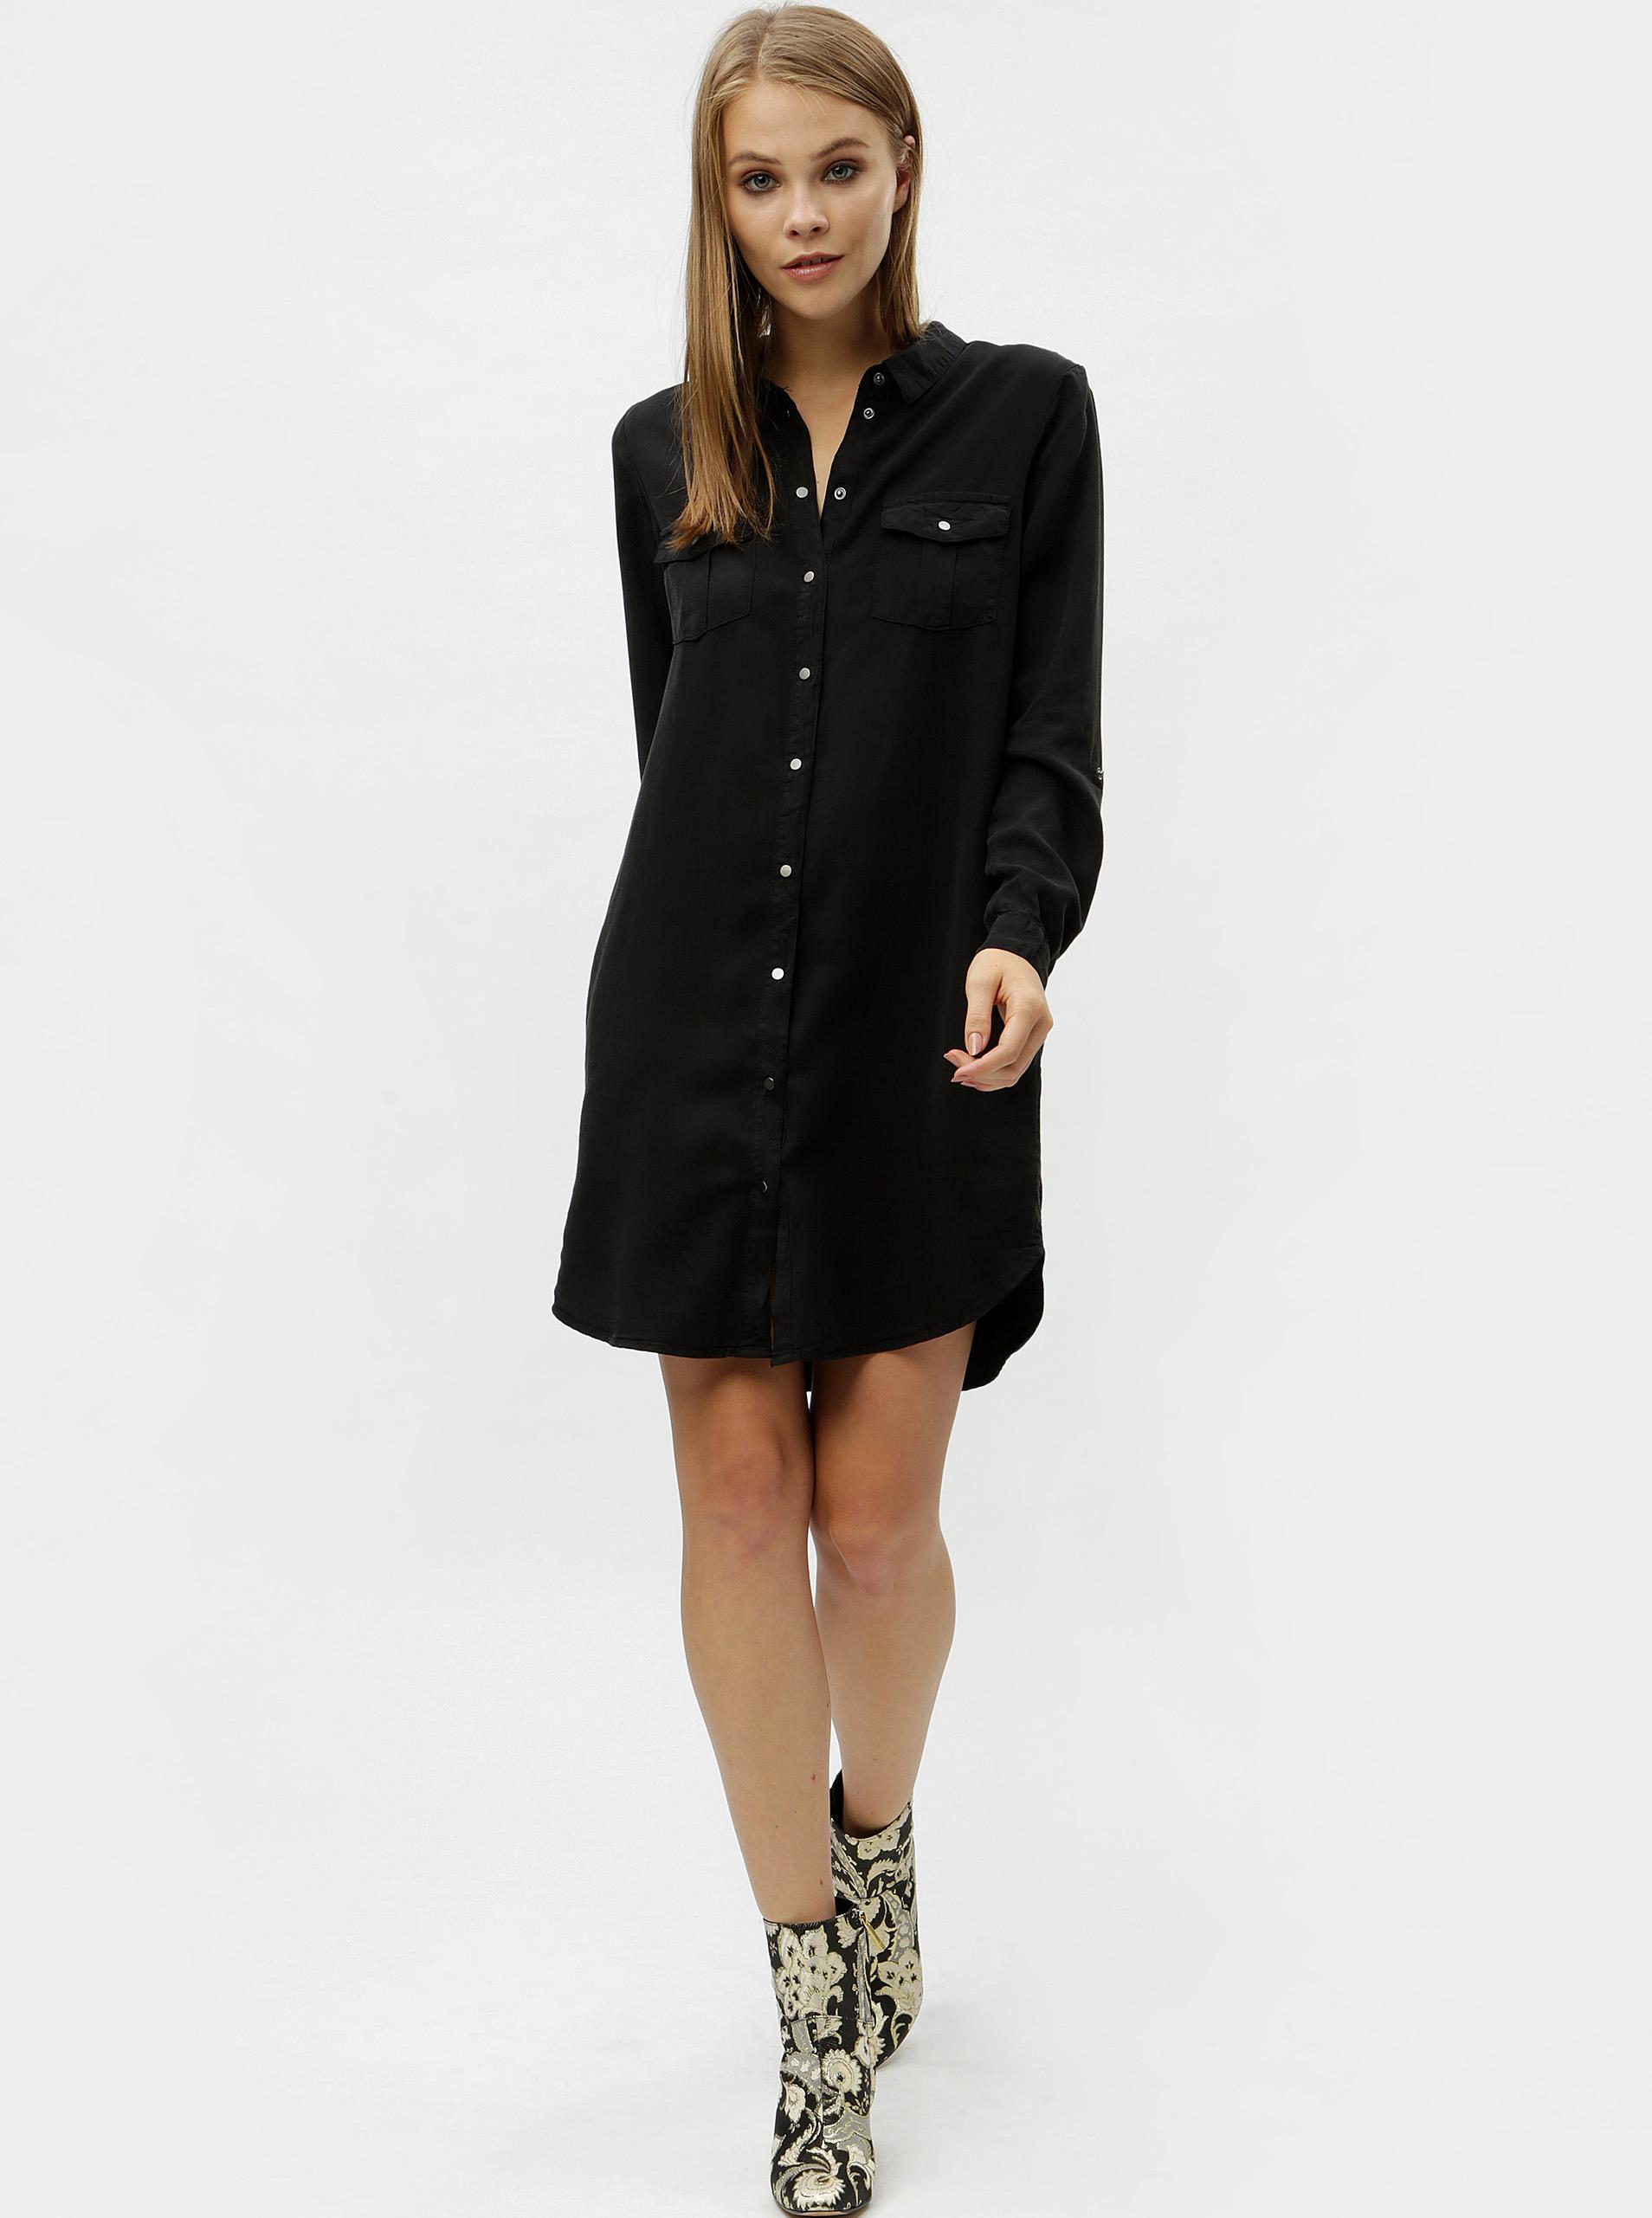 Vero Moda čierne košeľové šaty s vreckami - XS